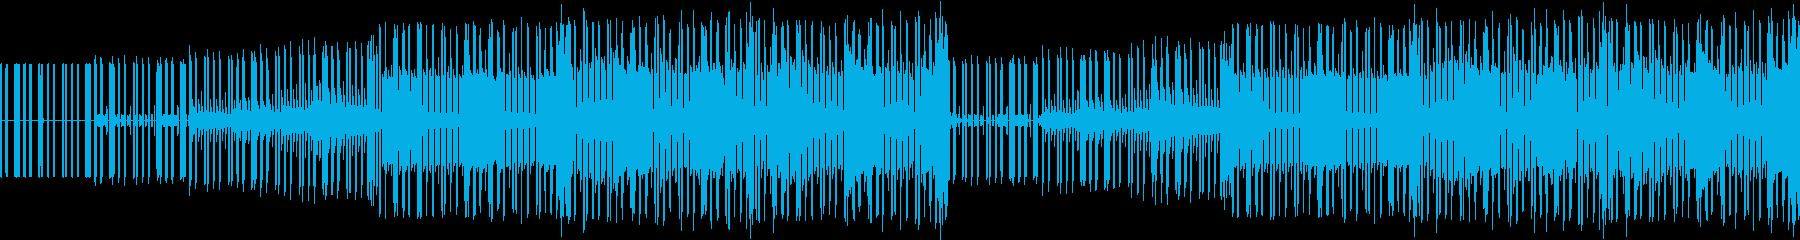 ファミコン風アクションゲームの曲の再生済みの波形